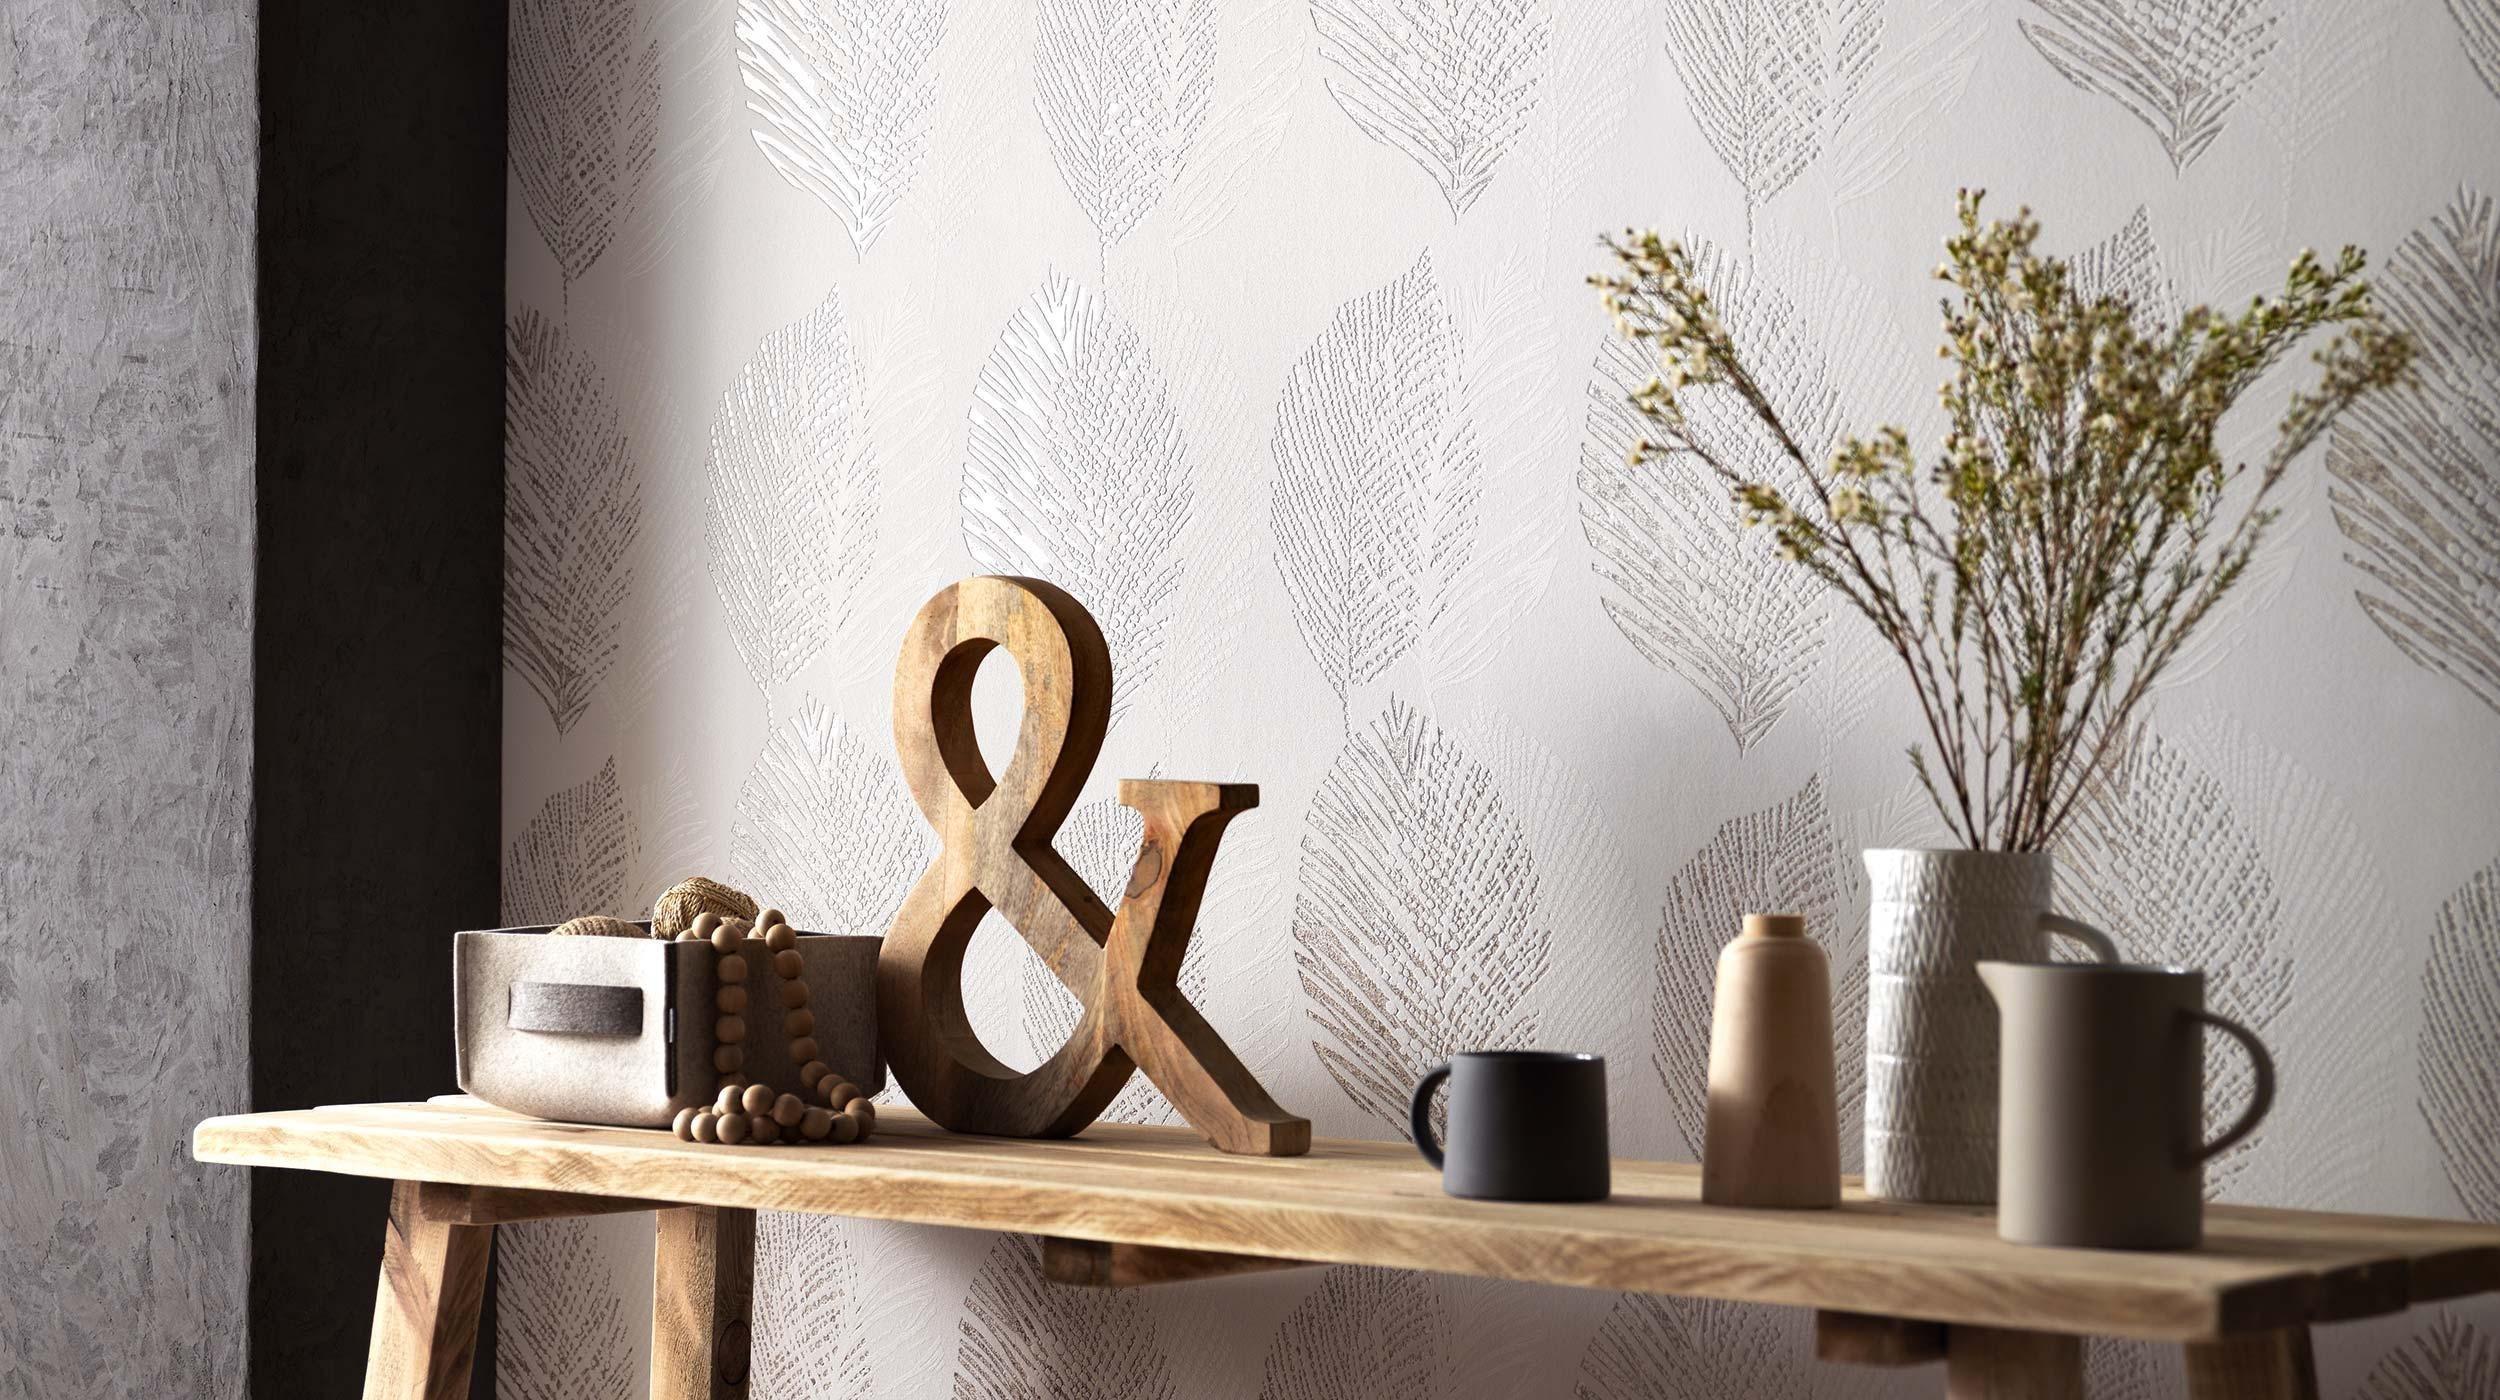 Chystáte se tapetovat, ale nevíte jak se rozhodnout, kterou tapetu si zvolit? Existuje několik druhů materiálů, ze kterých jsou tapety vyrobeny a mají různé vlastnosti. Poradíme vám s výběrem.